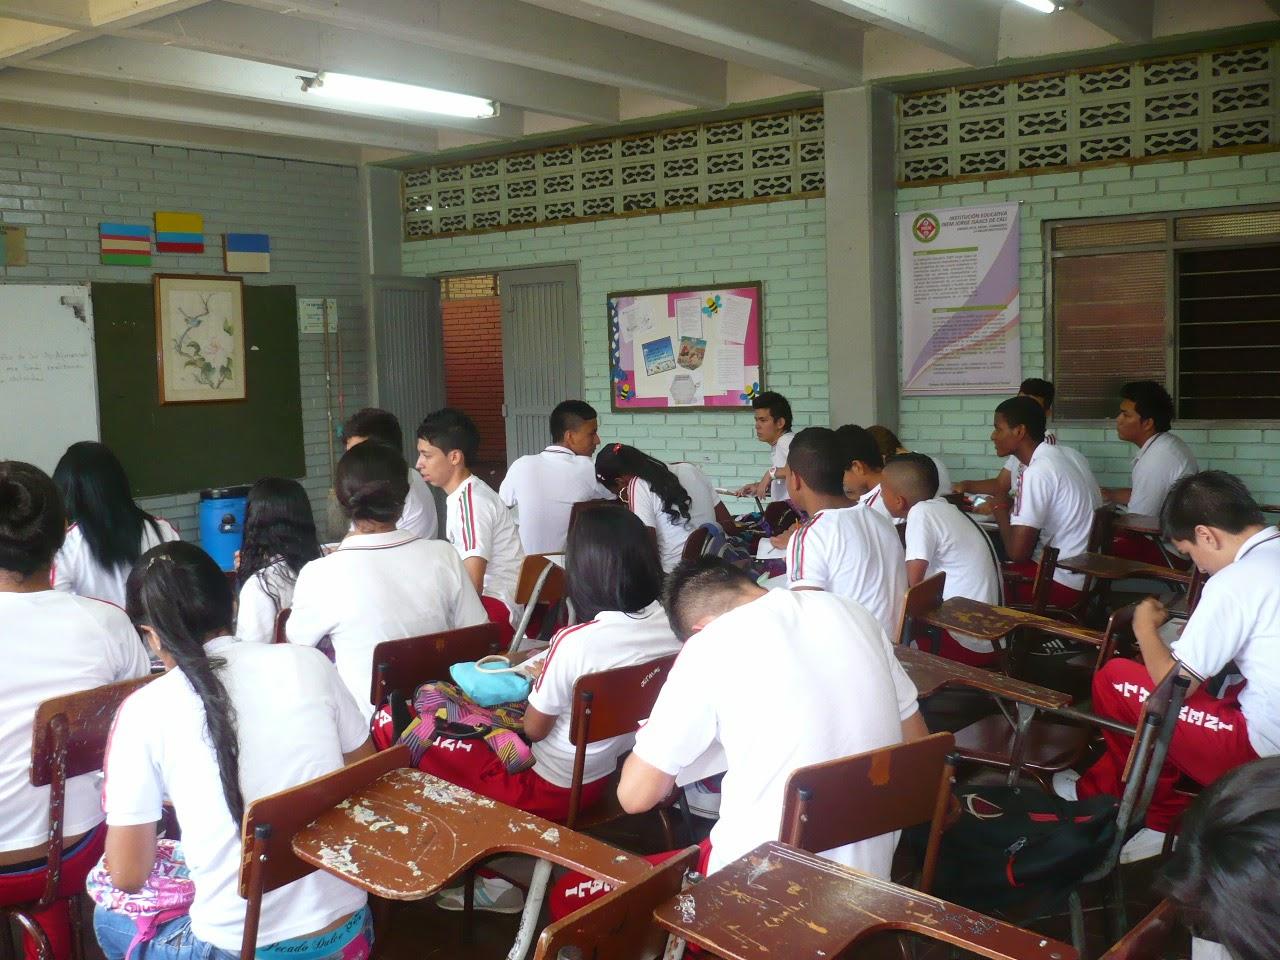 Estudiantes  realizando  su  APA  en  papel